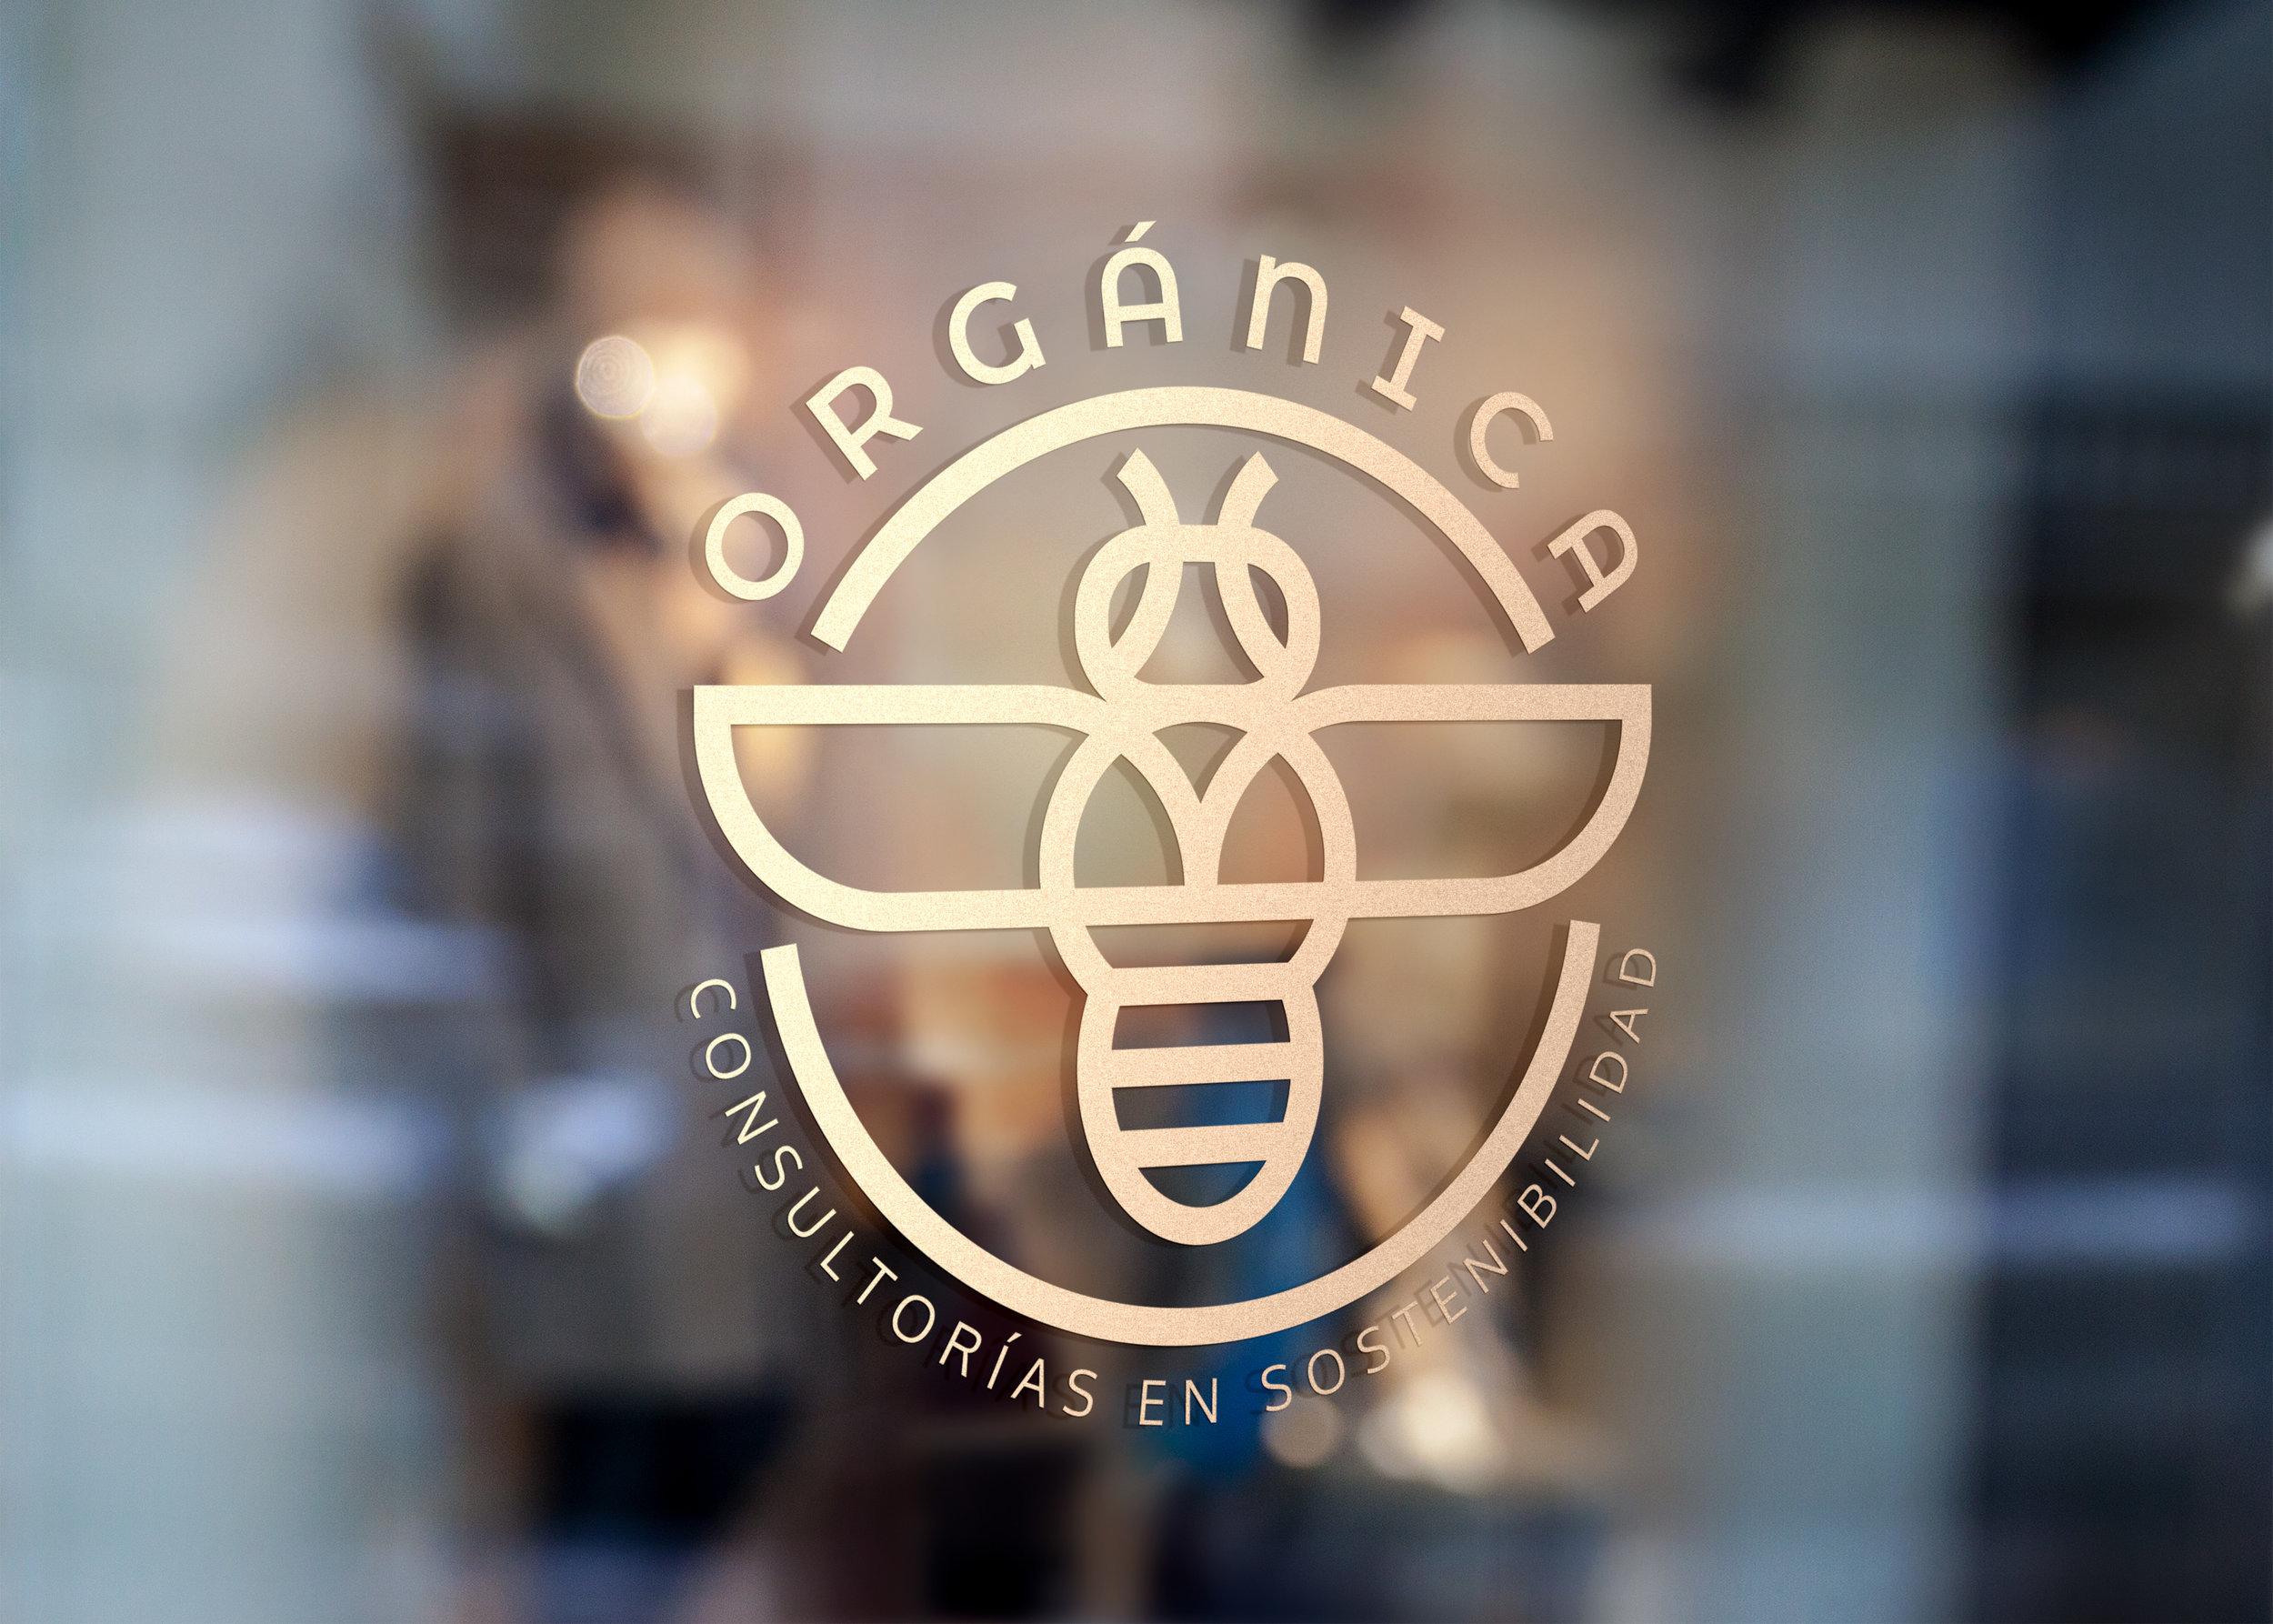 Organica Patrick Aere